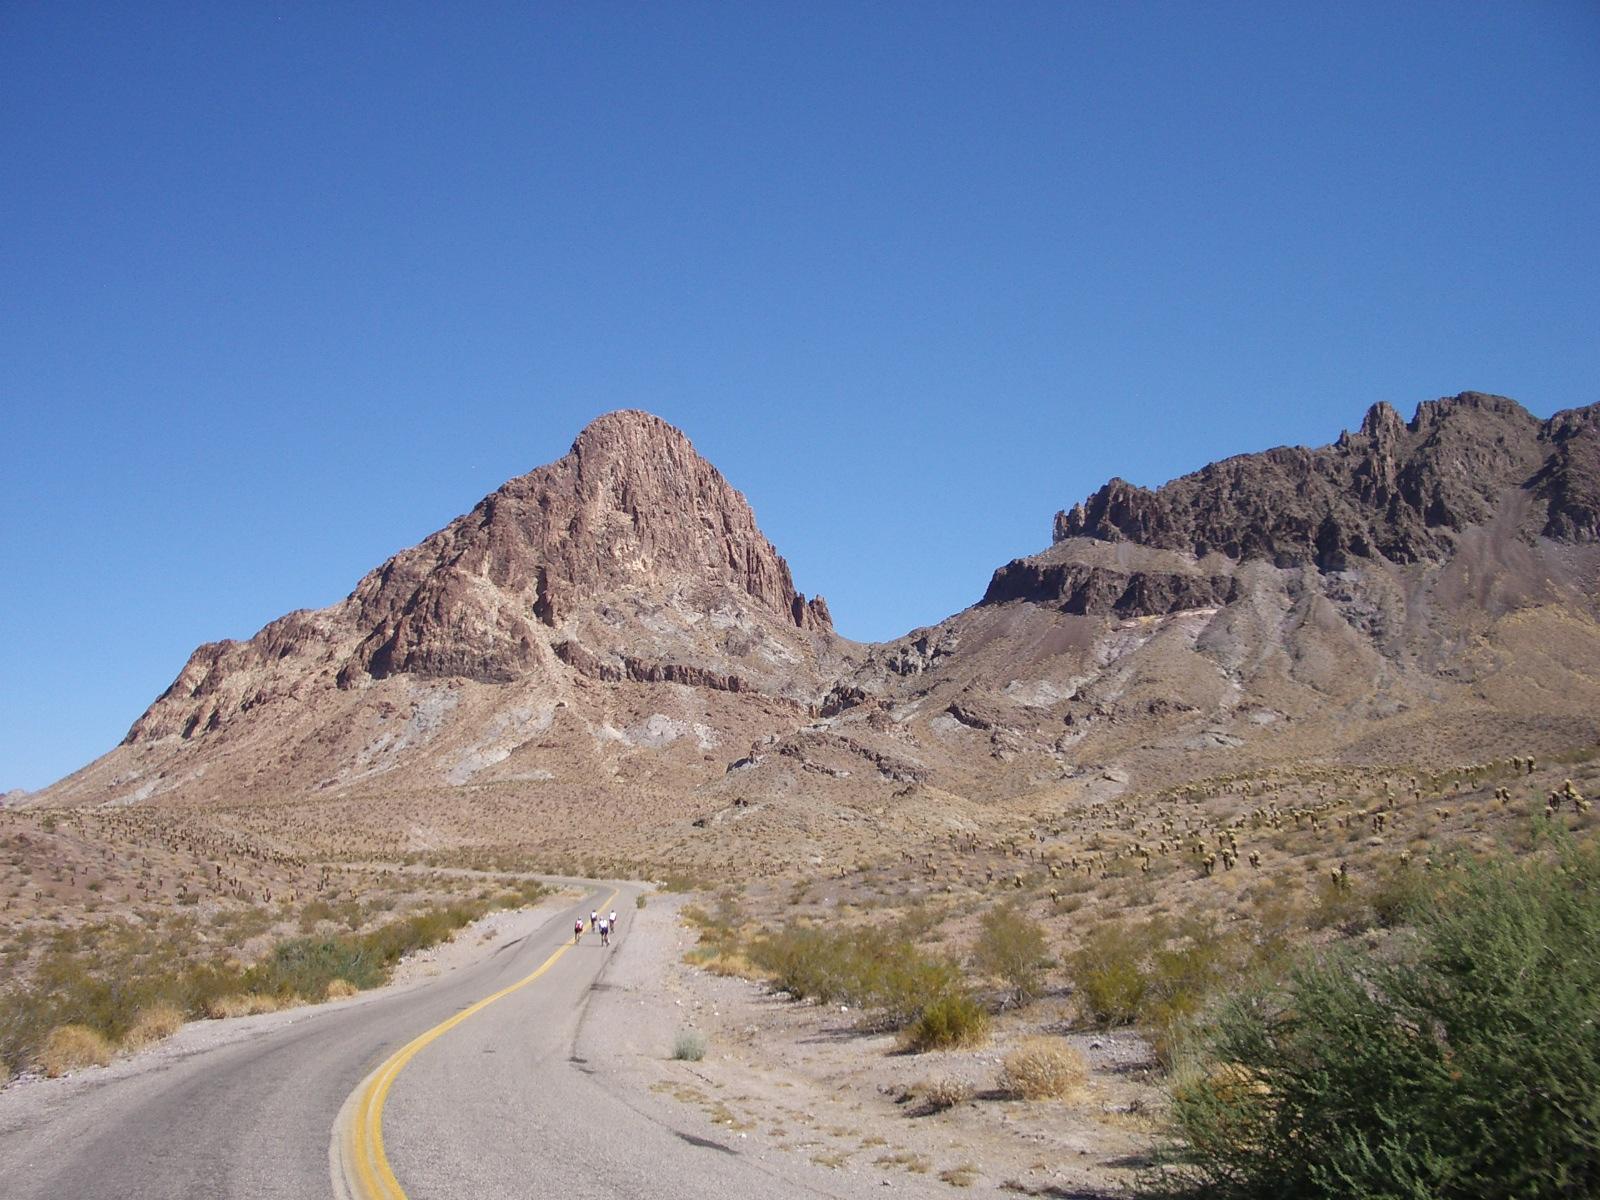 42-boundary-cone-and-higher-desert-vegetation.jpg